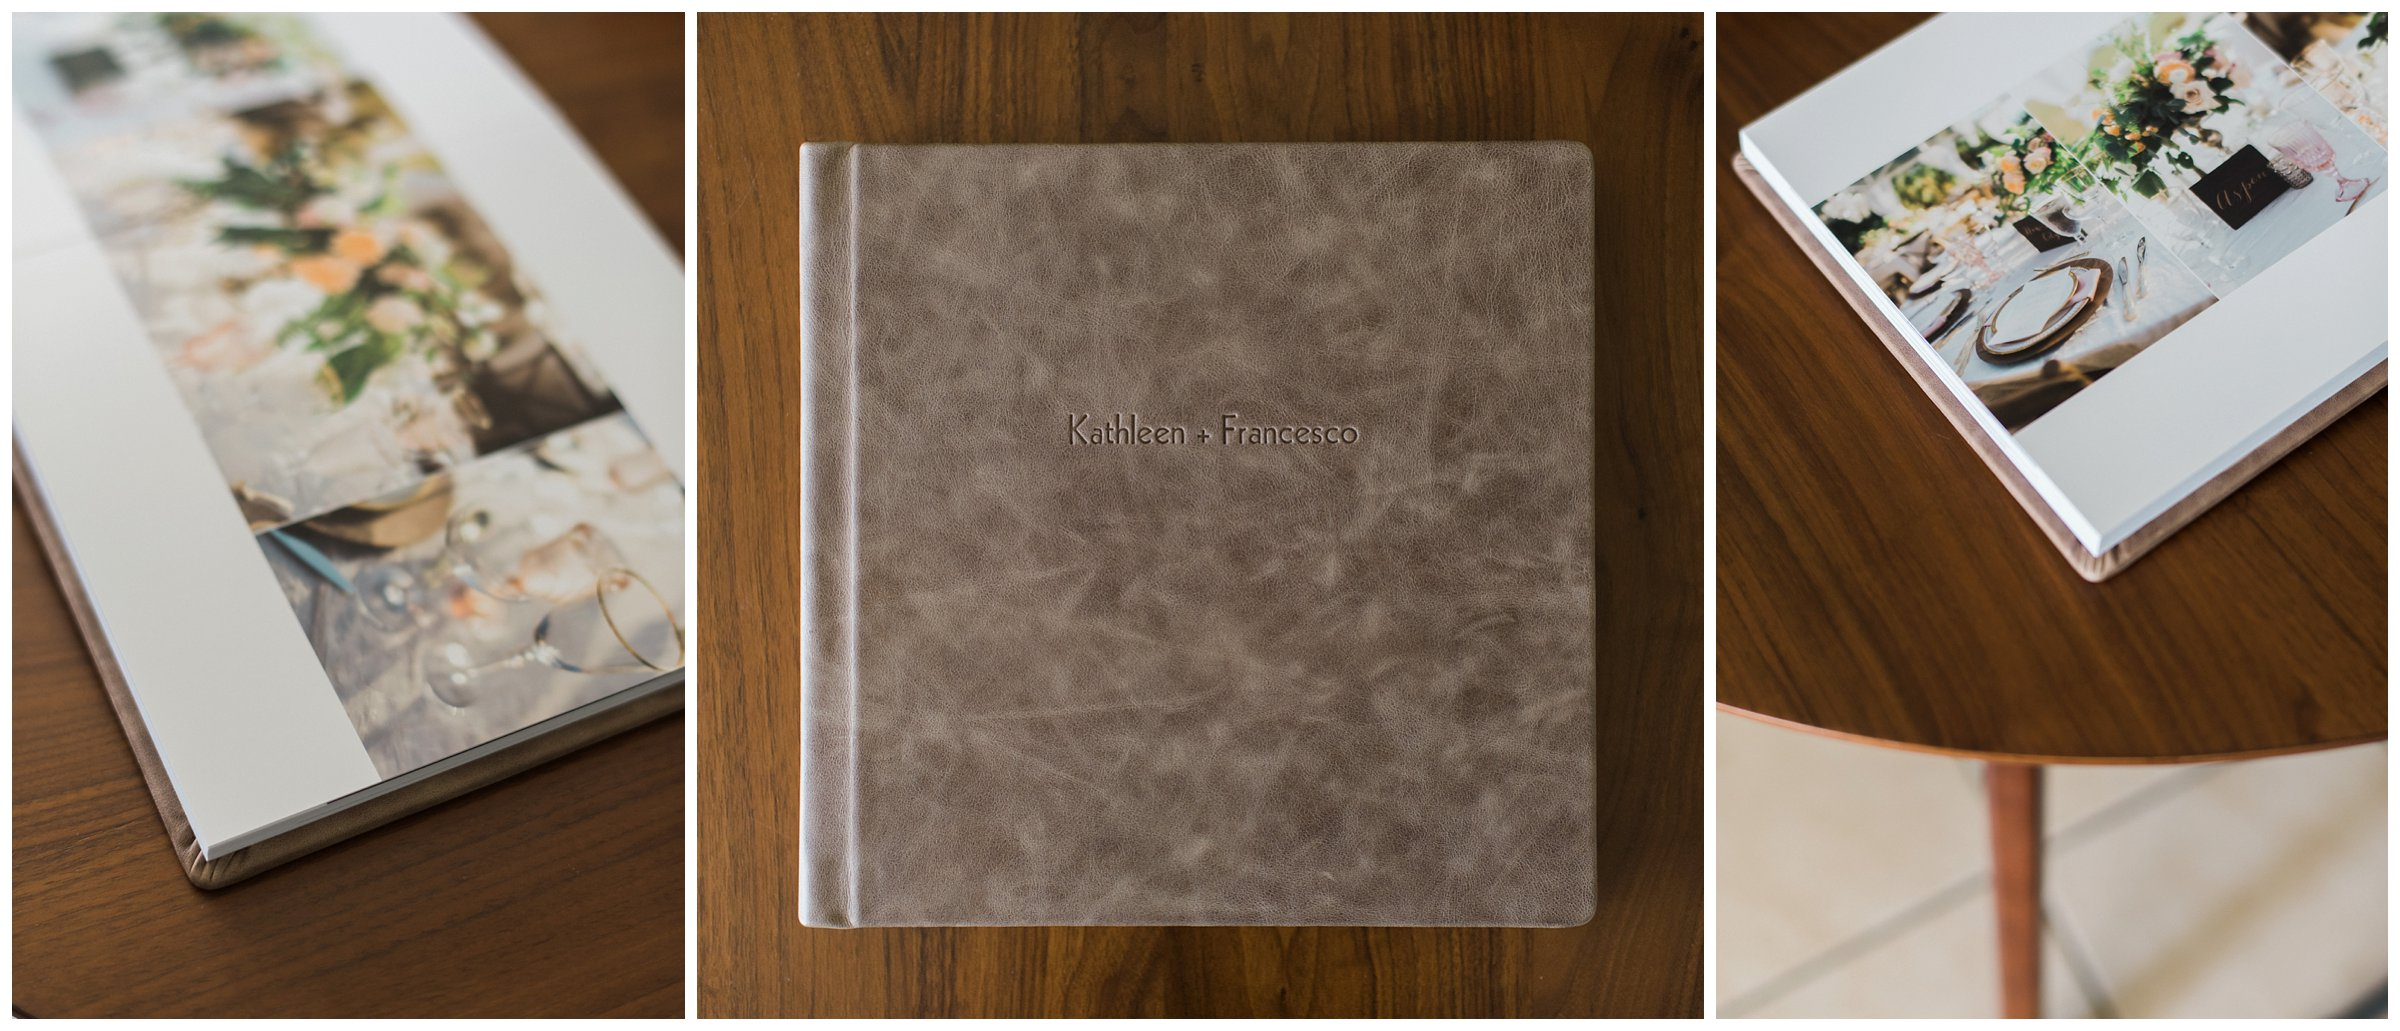 Albums Sample_1104.jpg